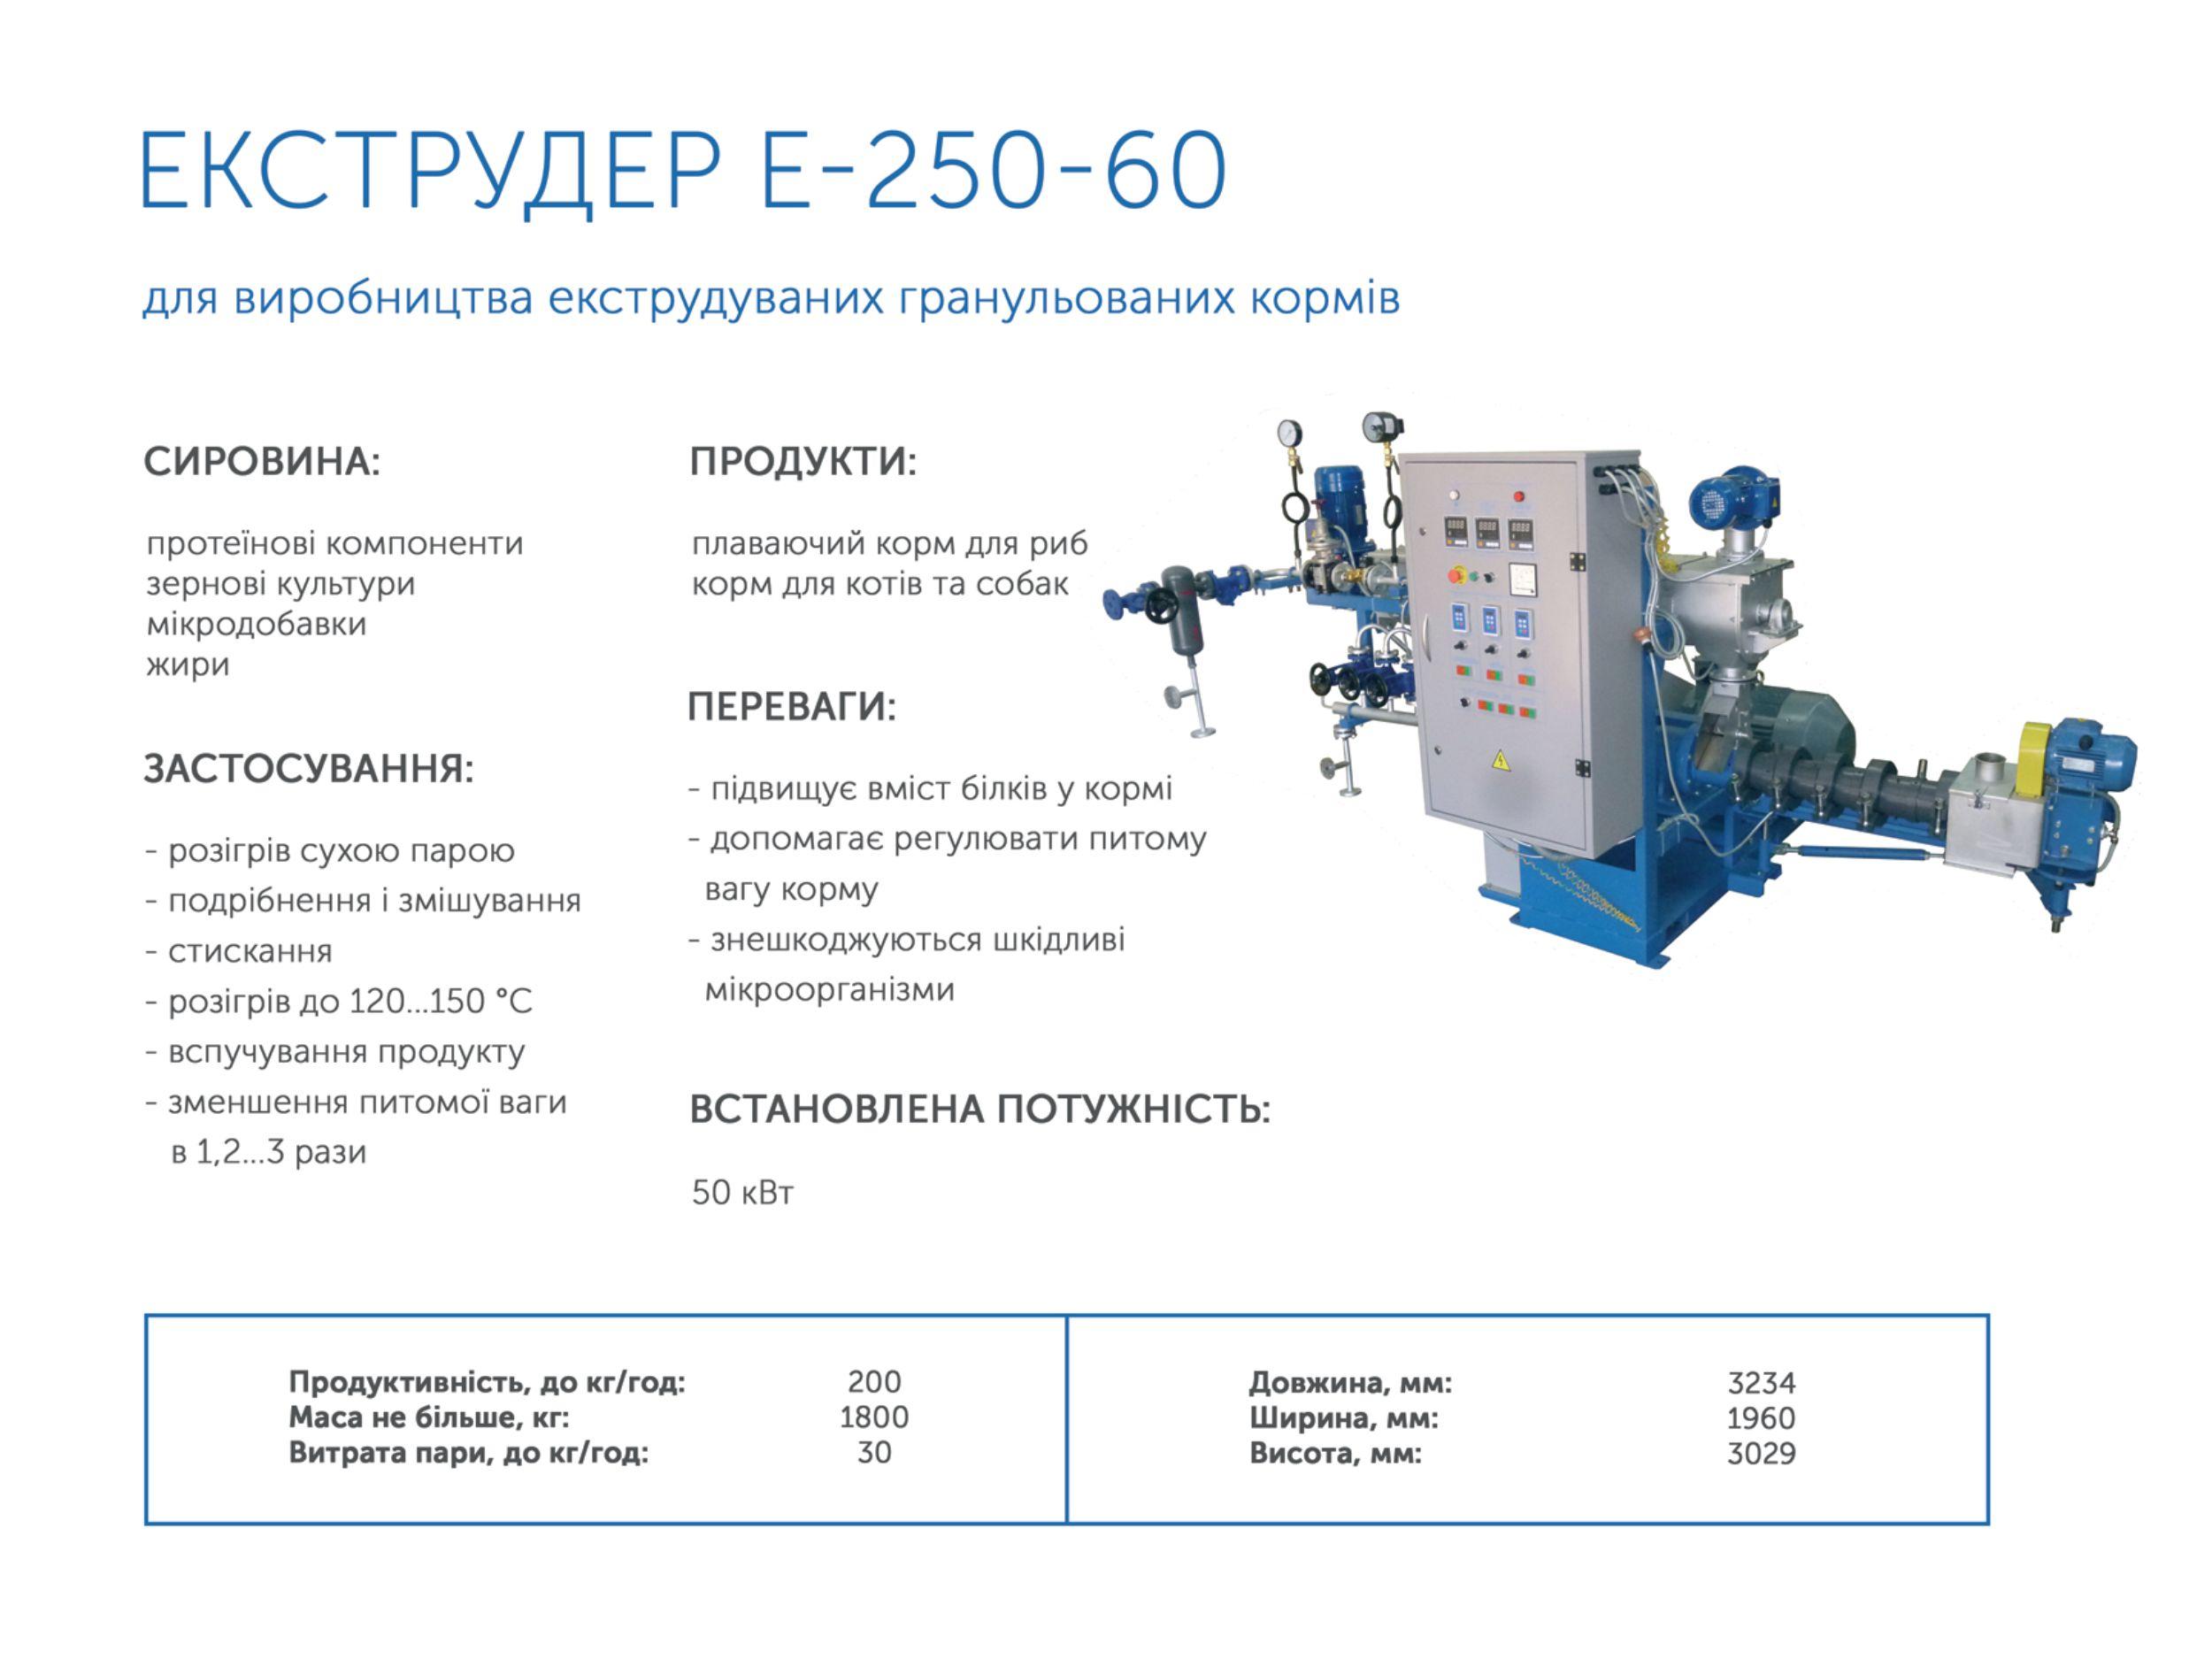 Экструдер кормов Е-250-60 - спешите купить в Украине!